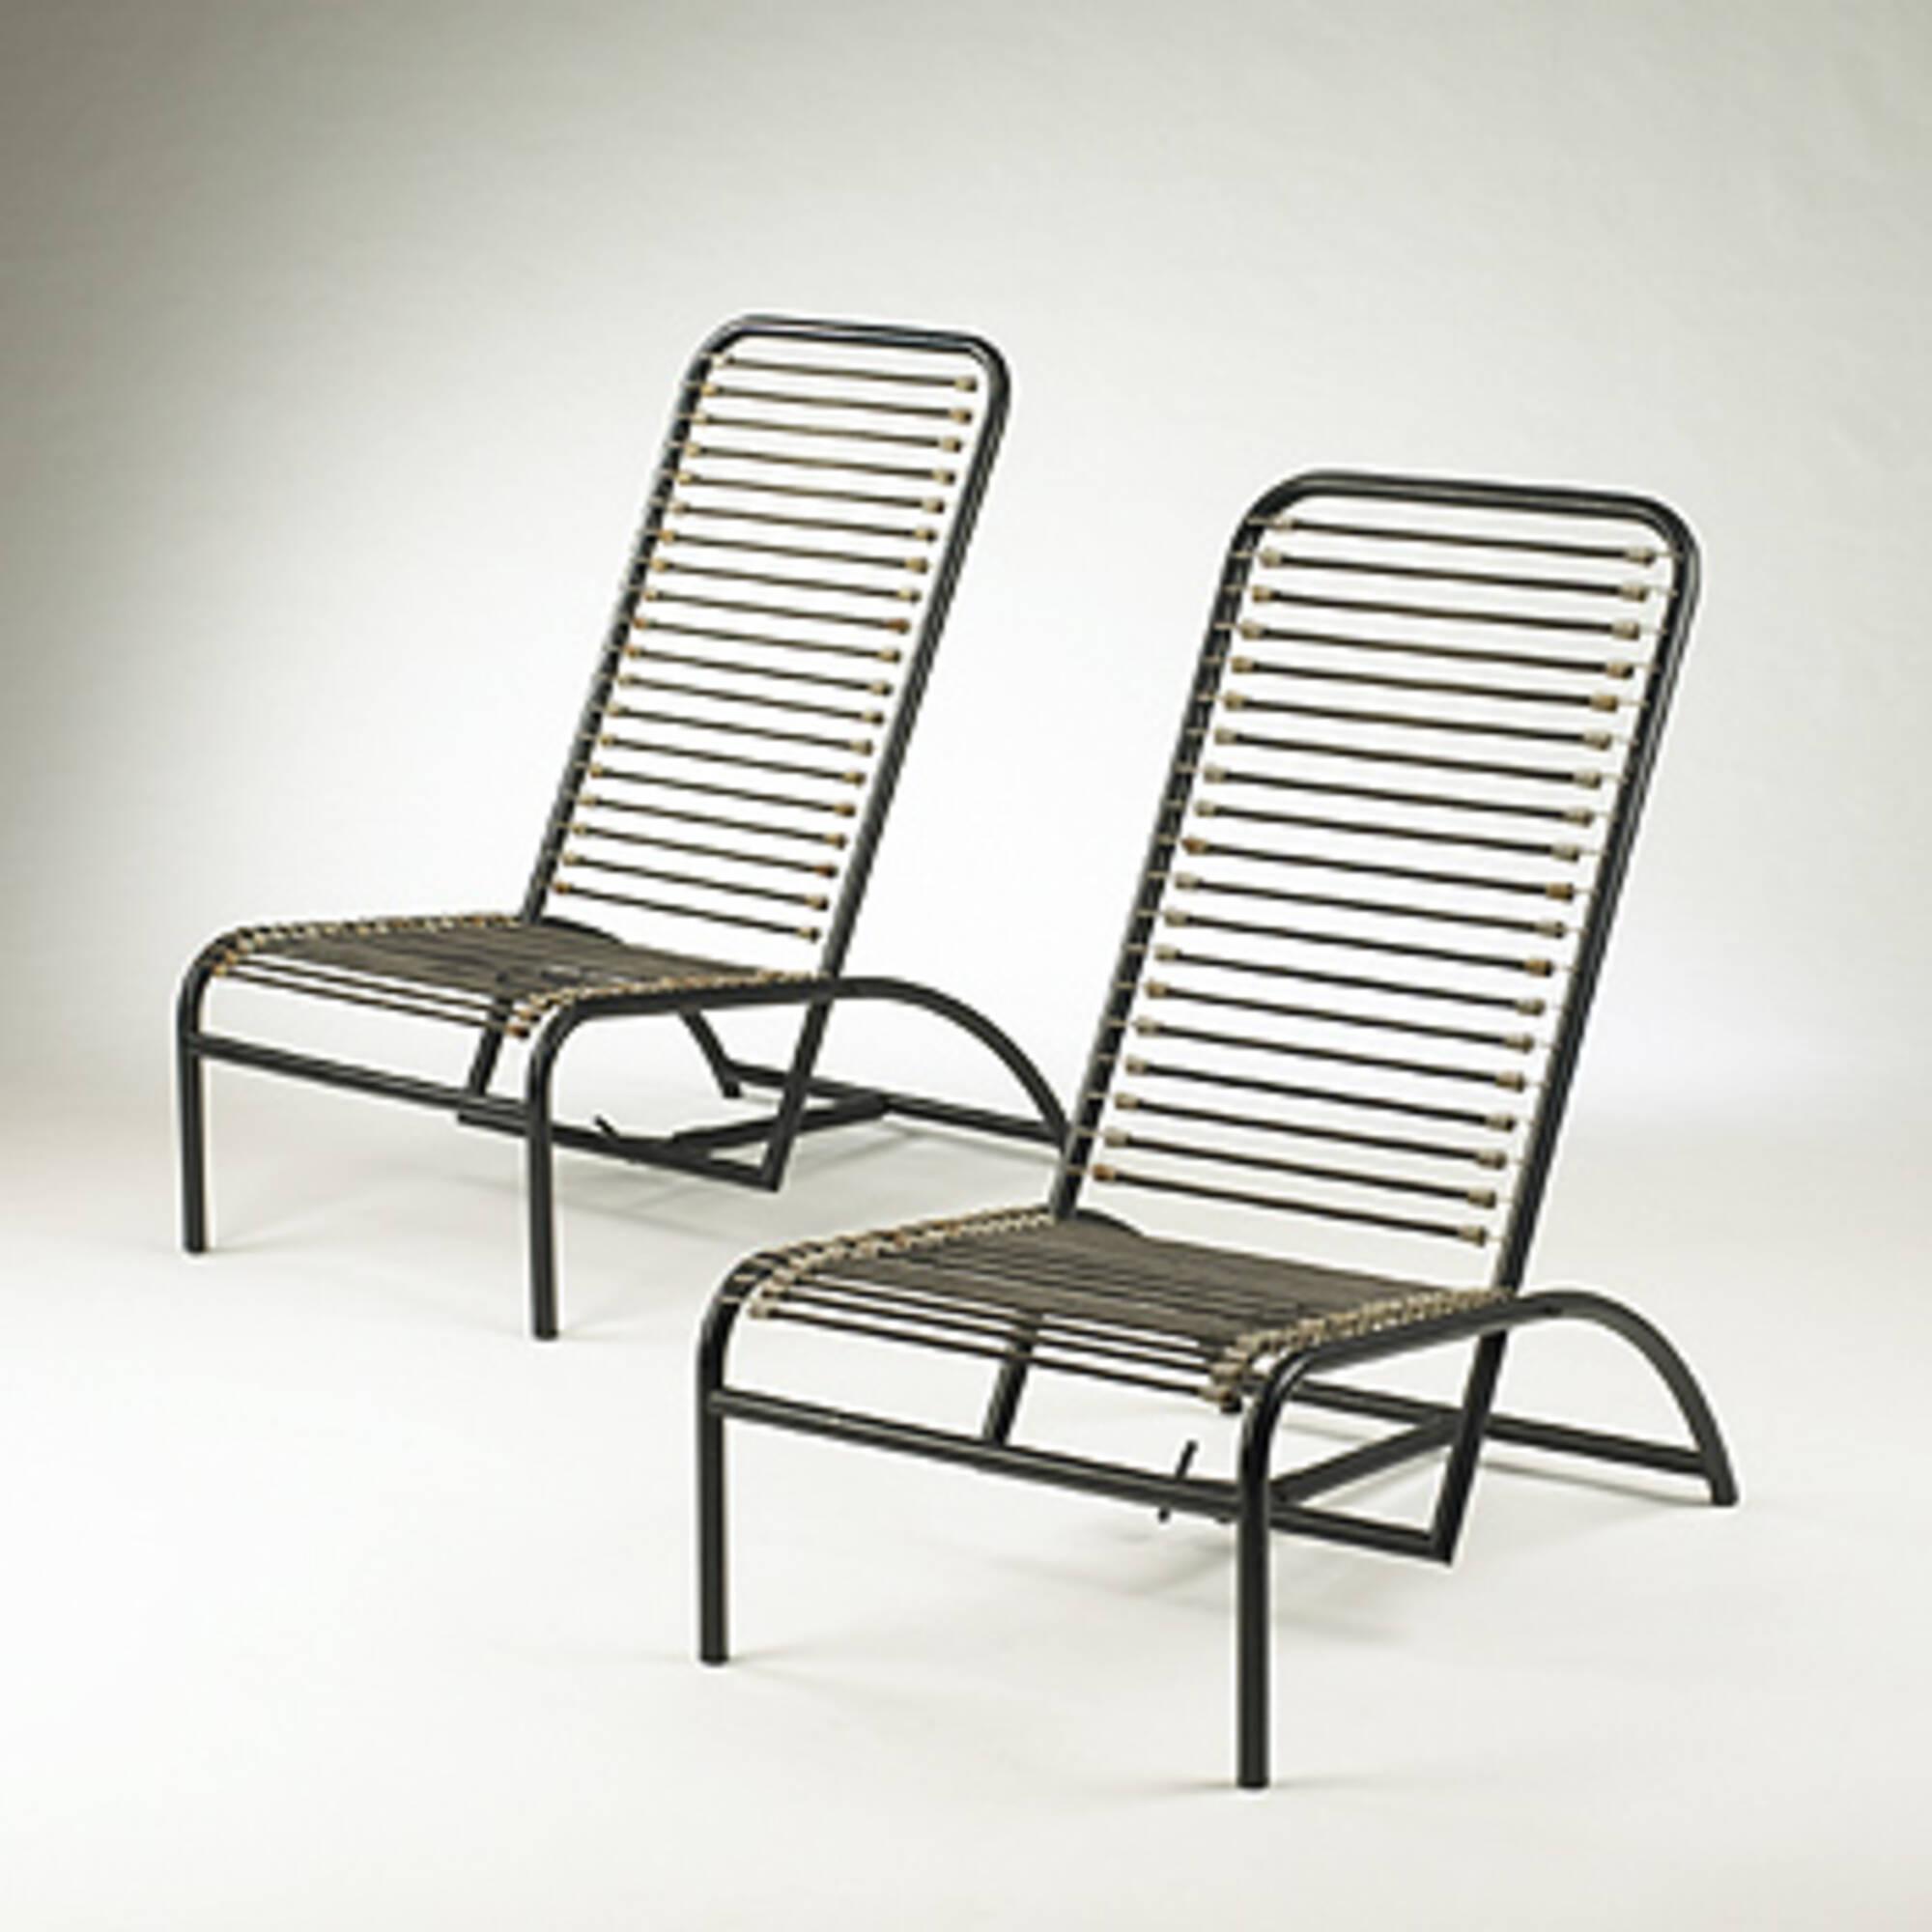 Modern Design Fauteuil.456 Rene Herbst Fauteuil De Repos Pair Modern Design 3